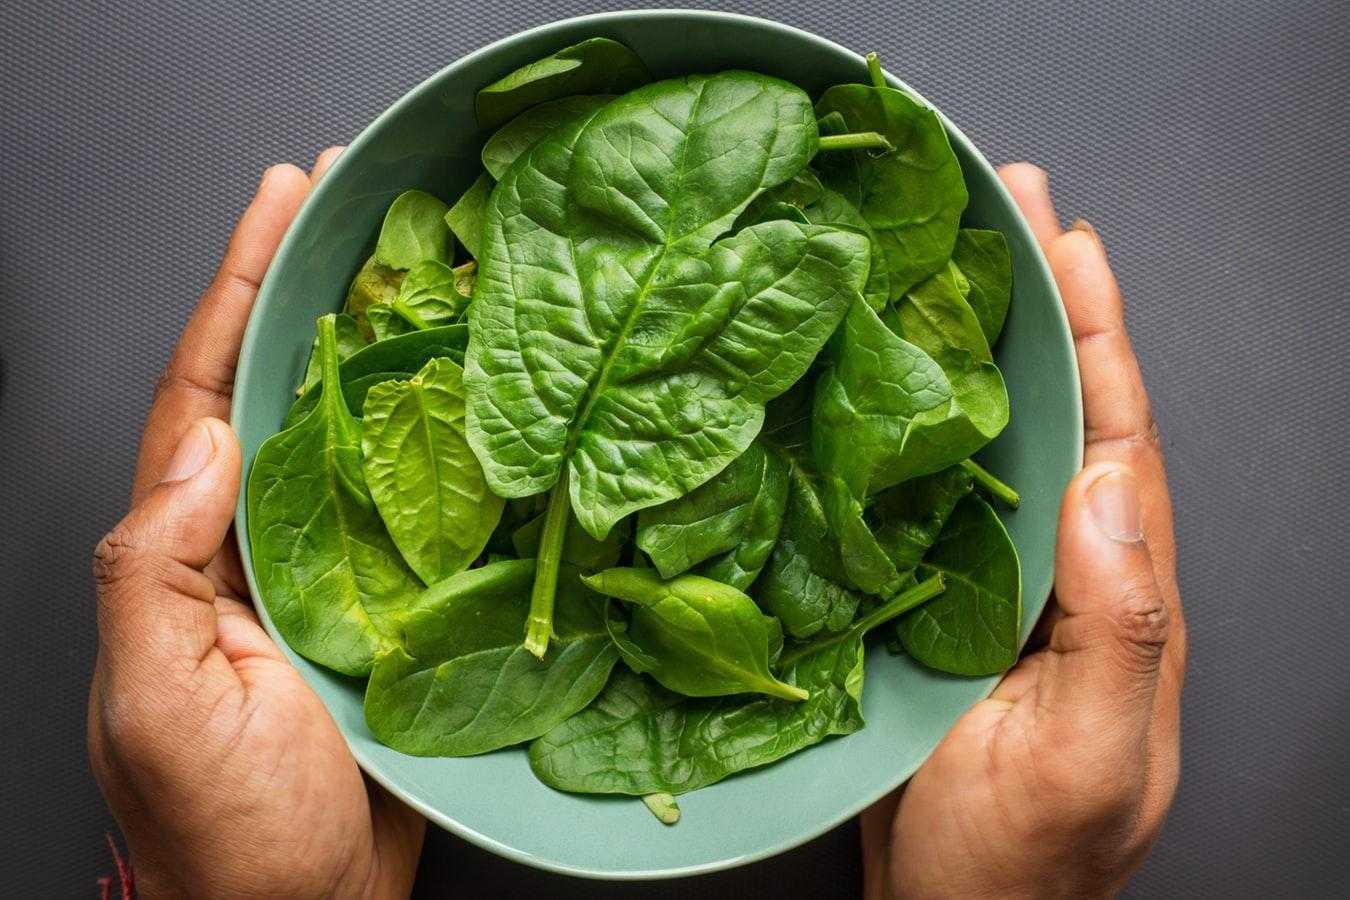 Польза шпината + 10 пп-рецептов из шпината , которые помогут разнообразить меню Шпинат содержит большое количество витаминов и микроэлементов